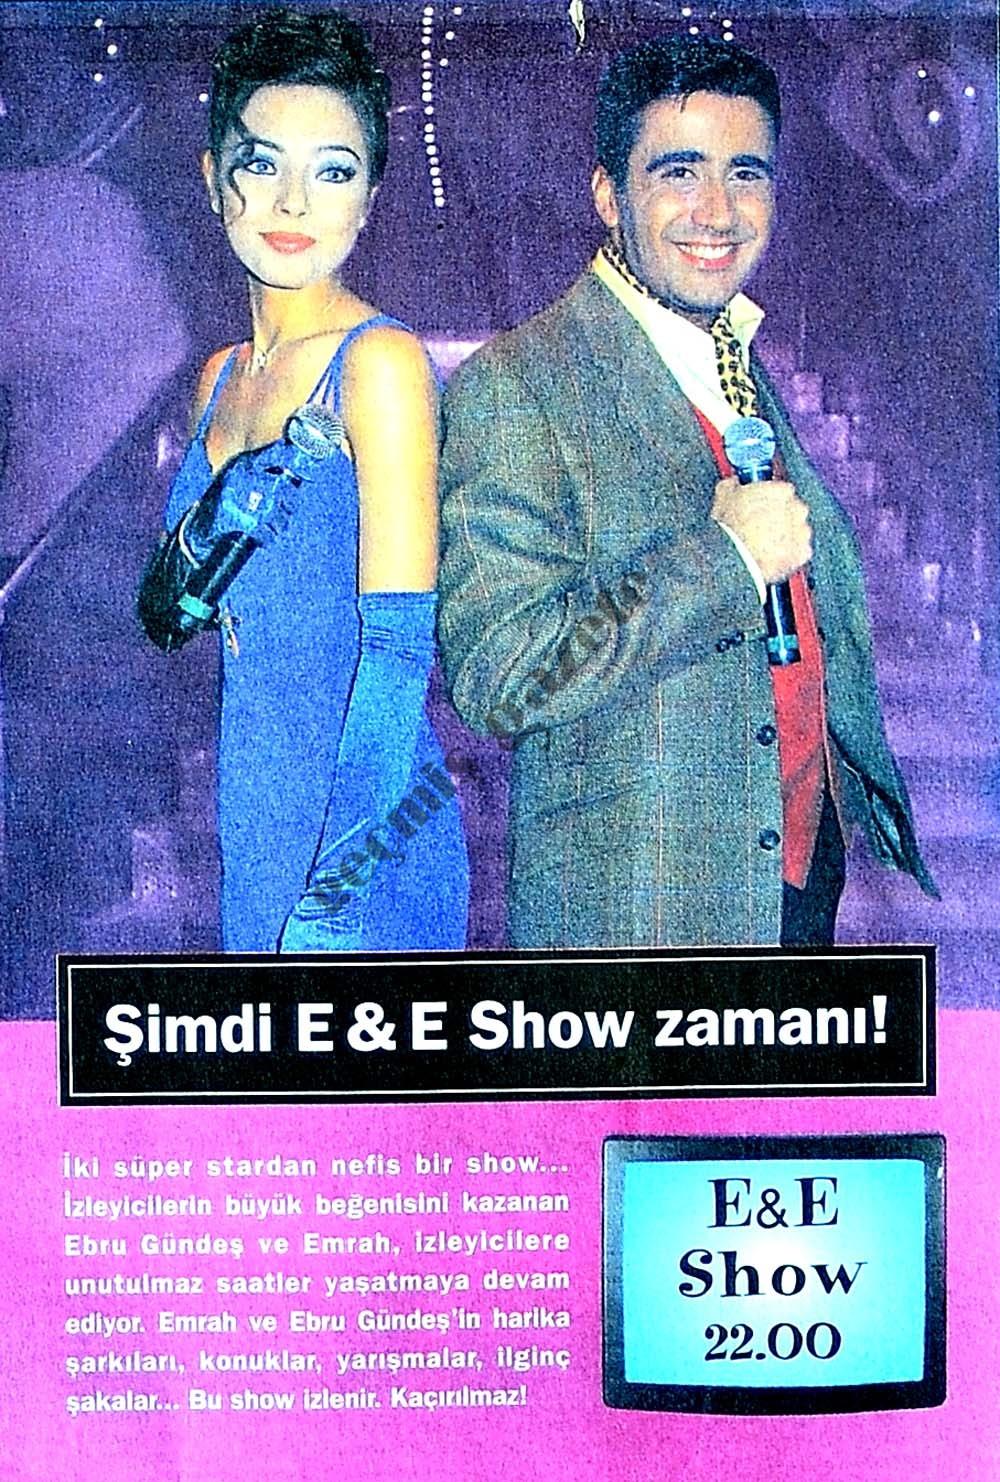 Şimdi E&E Show zamanı!